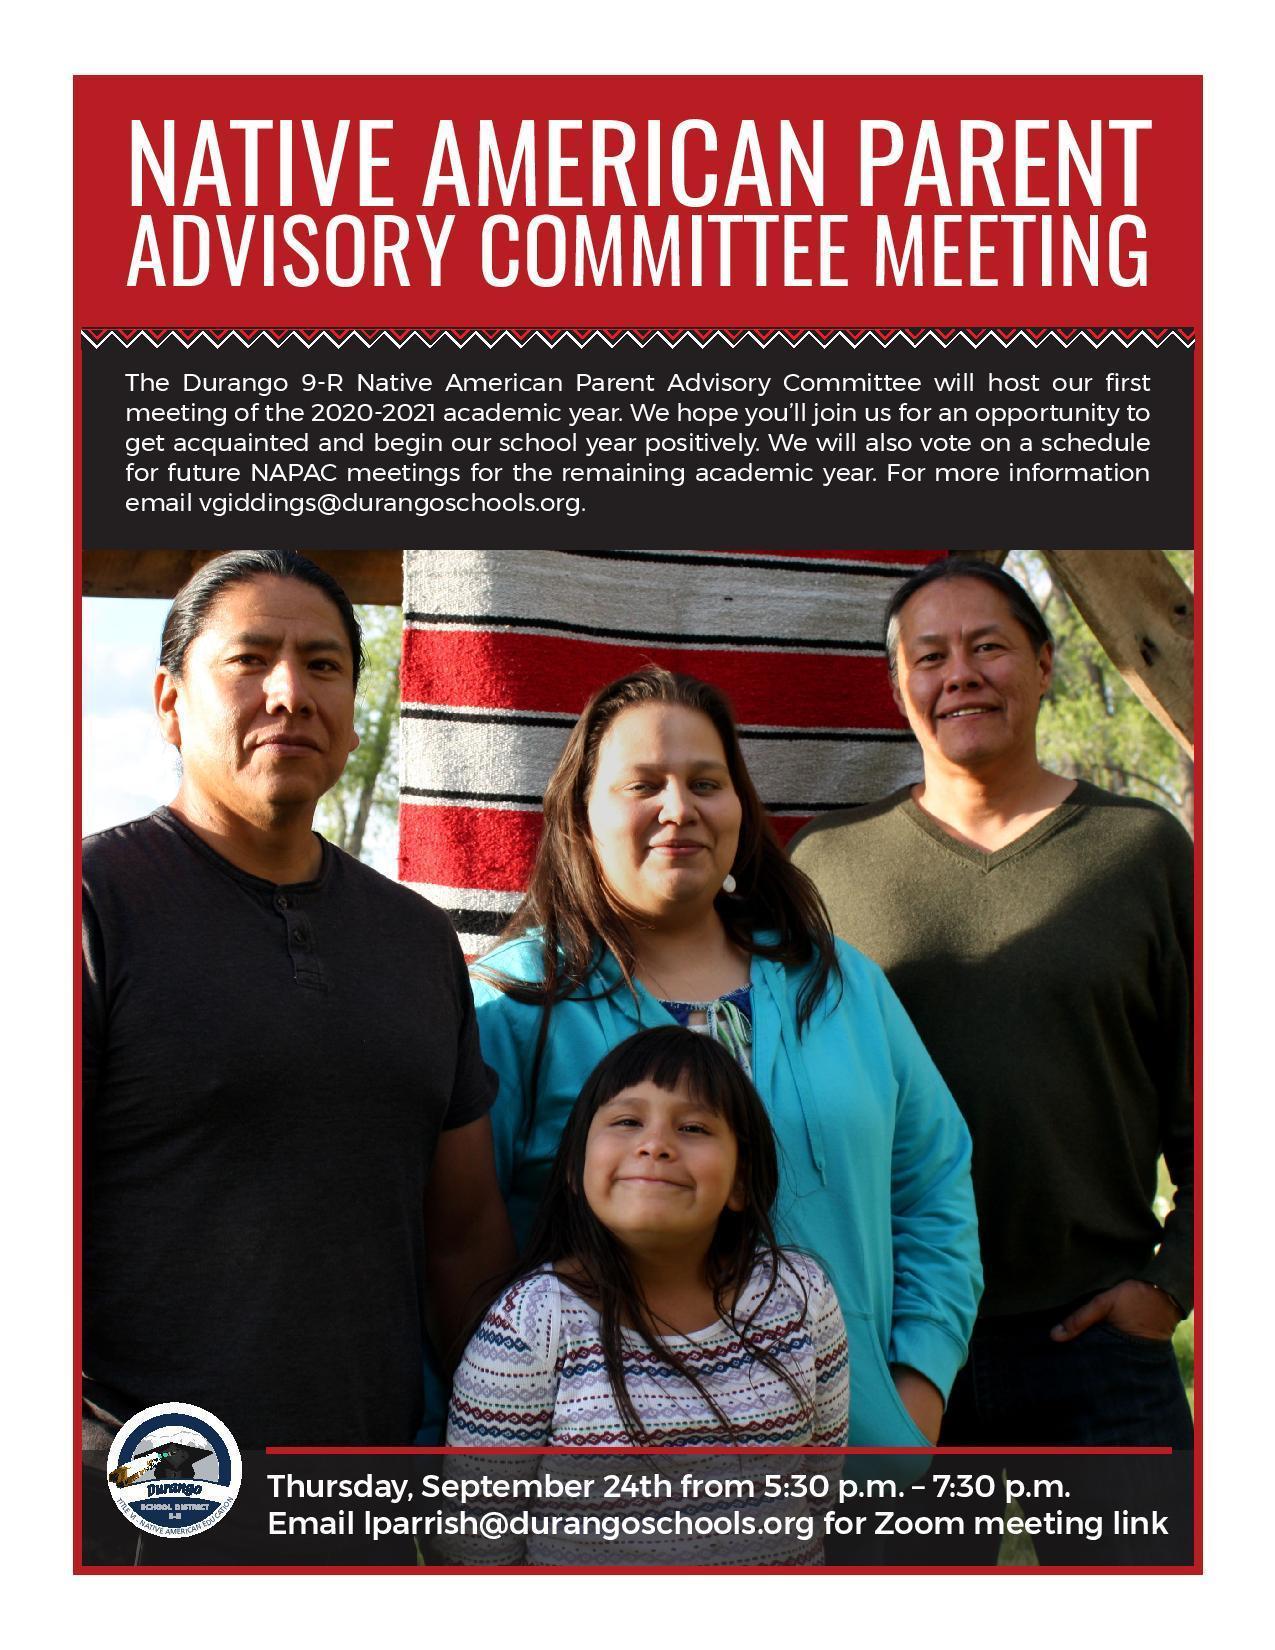 Fall NAPAC Meeting